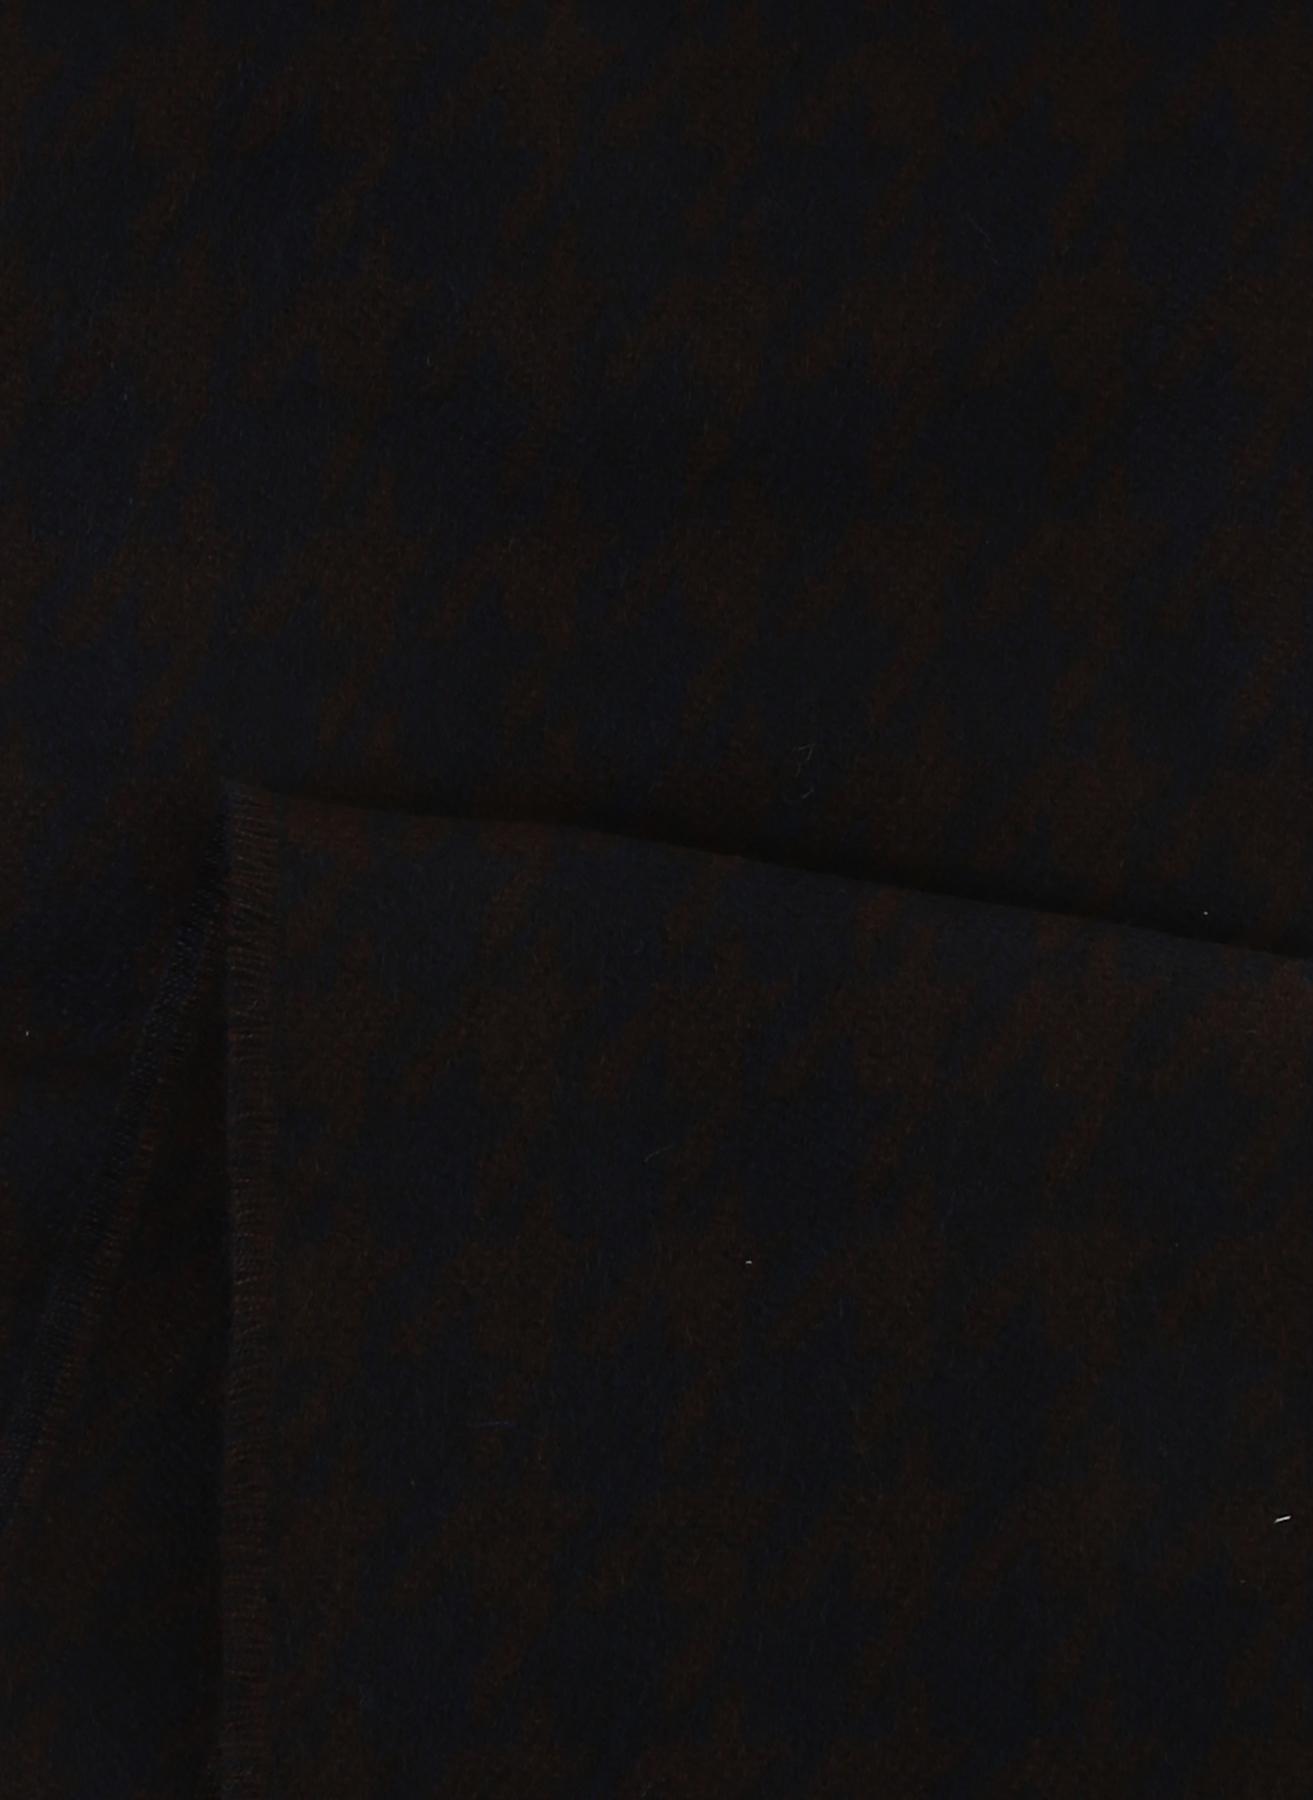 George Hogg Lacivert - Kahverengi Atkı 0 5002327166001 Ürün Resmi